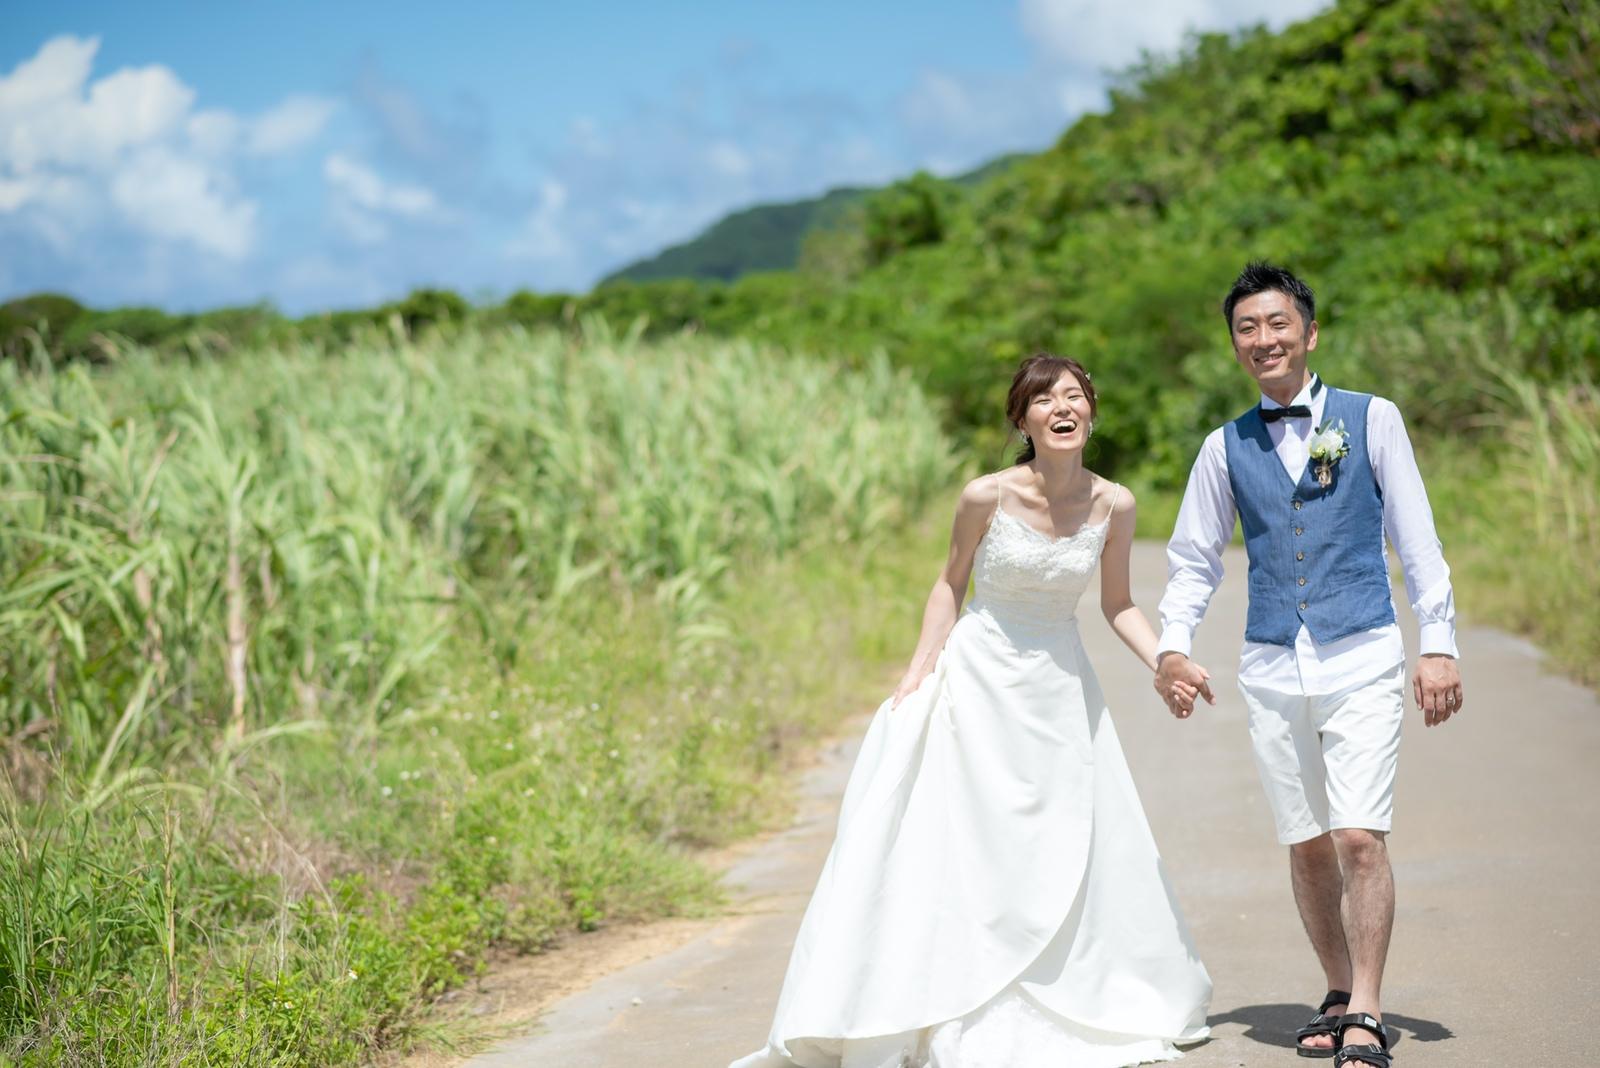 沖縄らしい風景